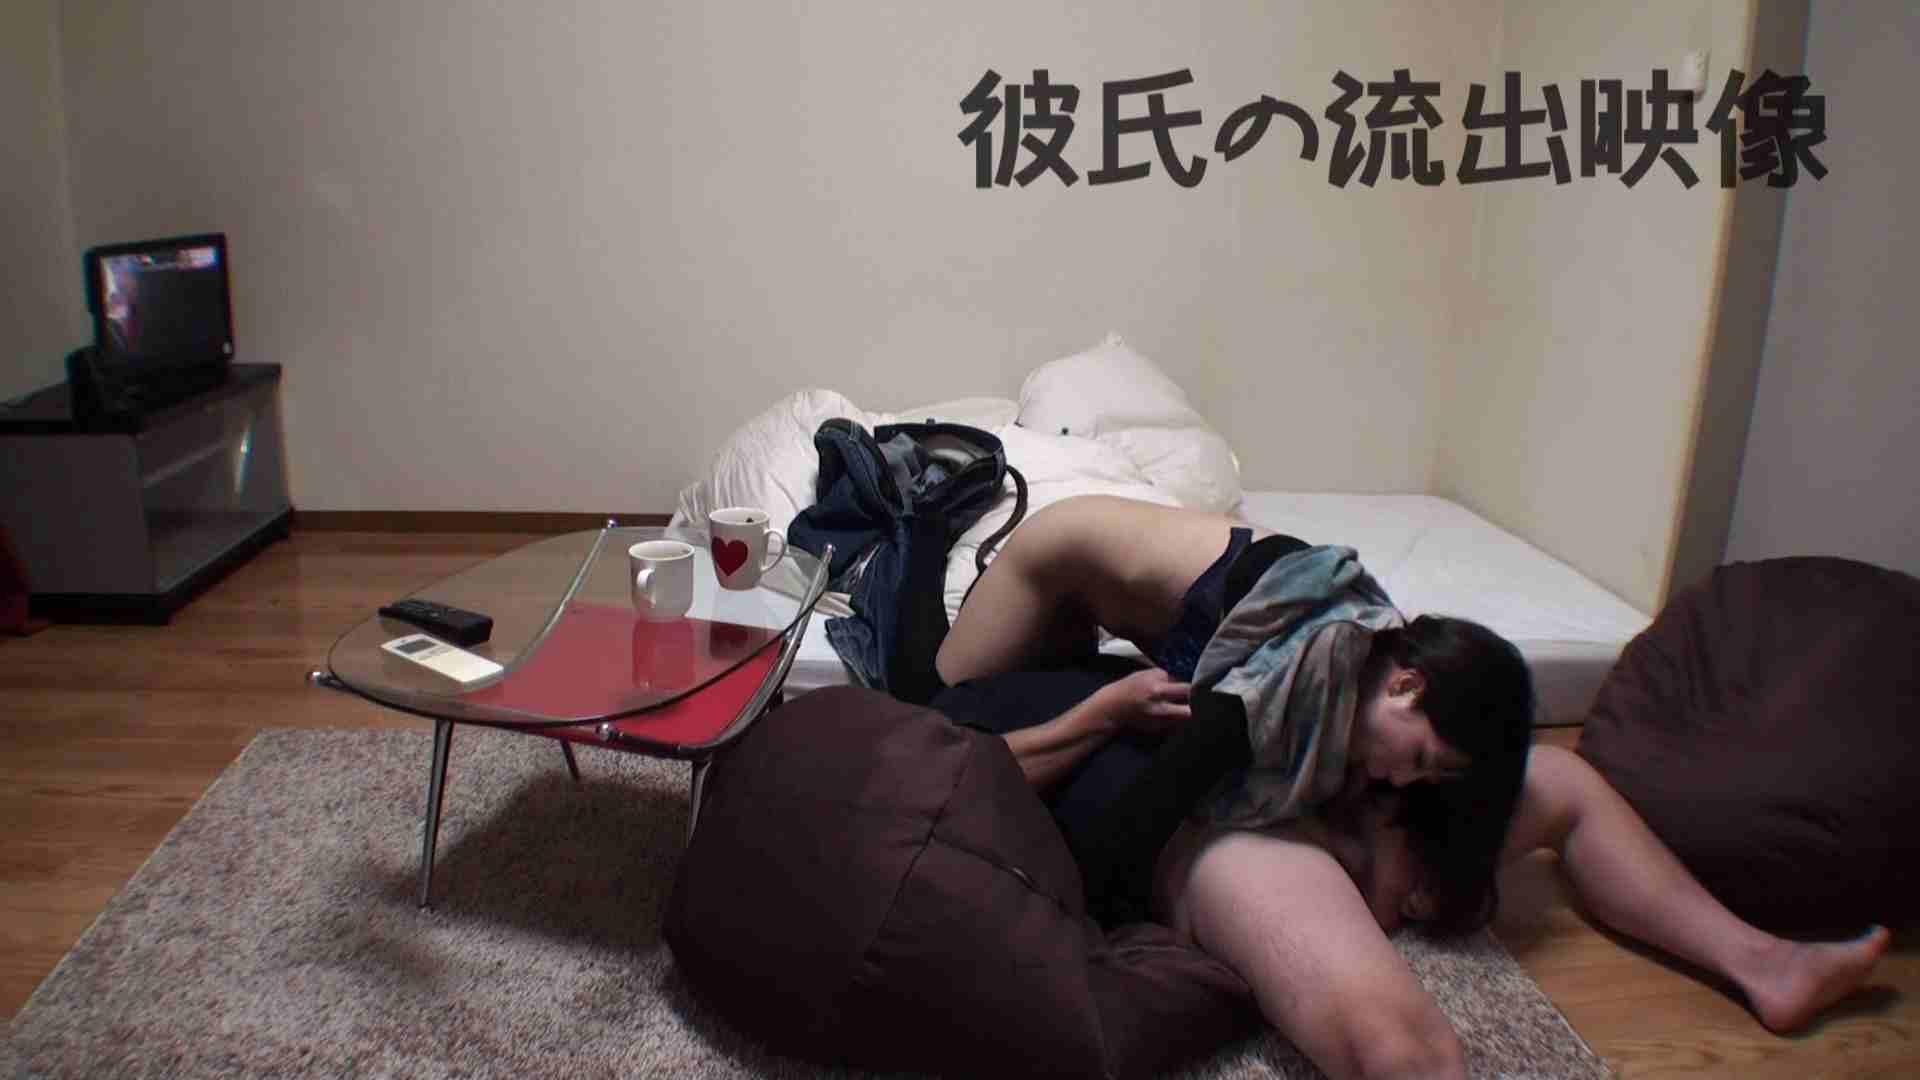 彼氏が流出 パイパン素人嬢のハメ撮り映像02 フェラ エロ画像 95枚 56